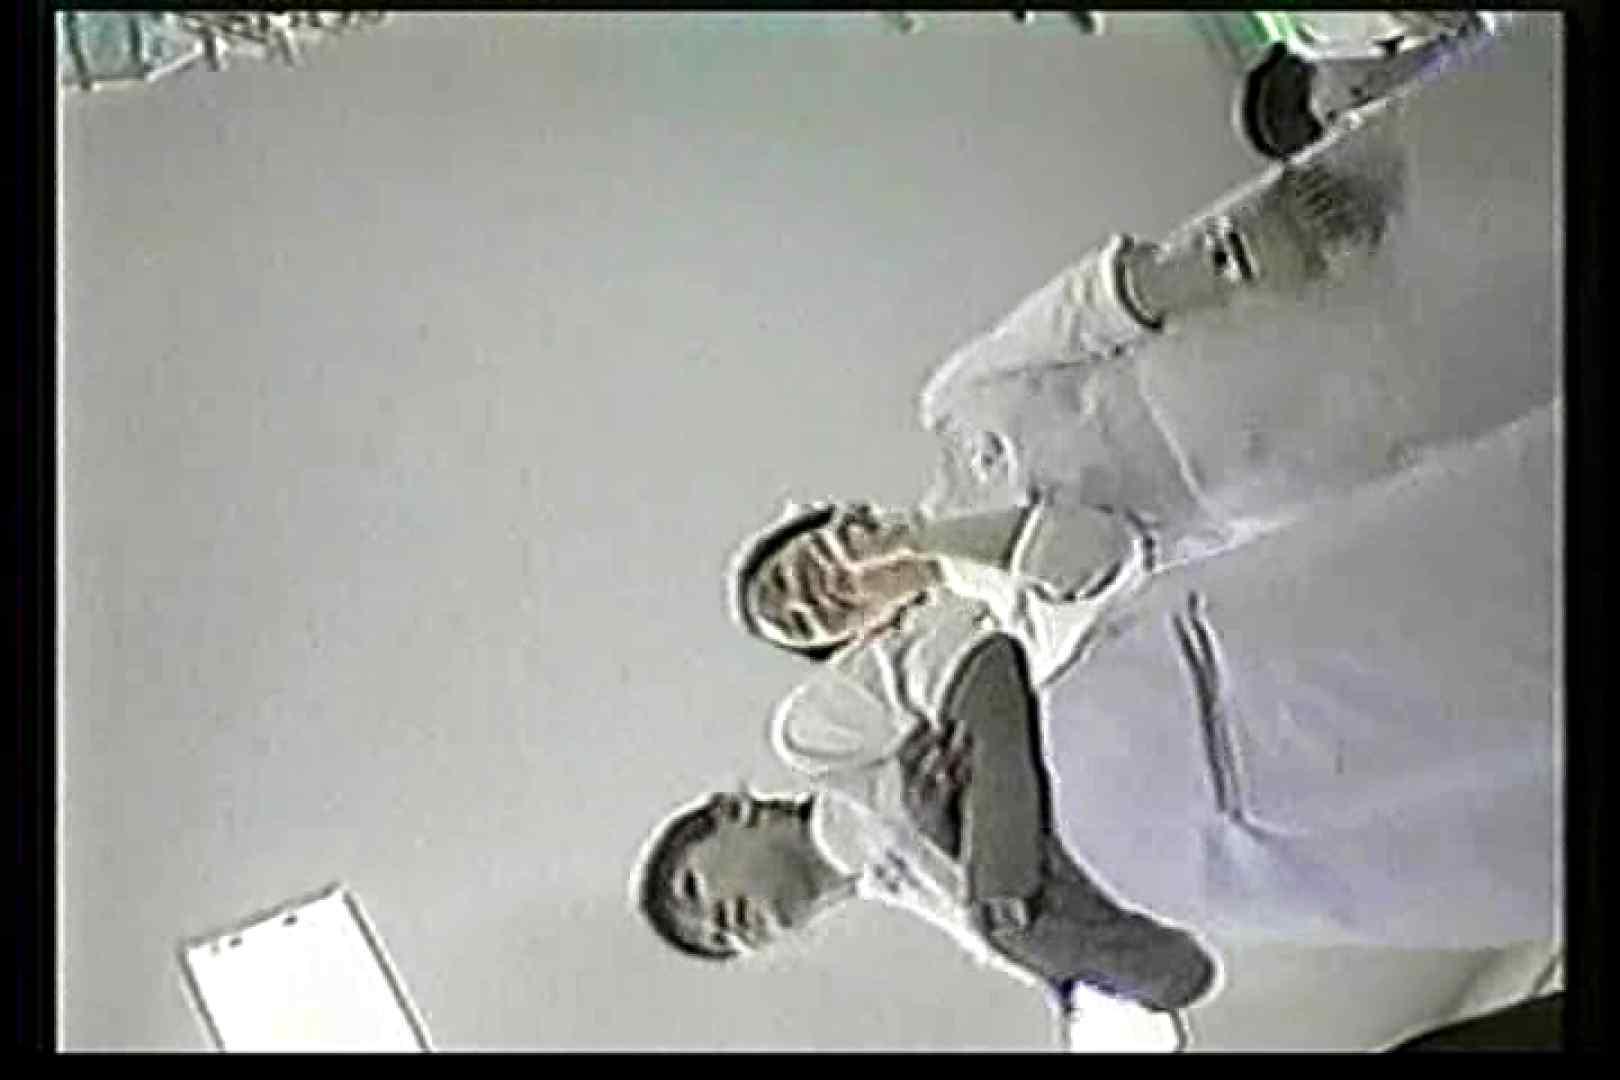 院内密着!看護婦達の下半身事情Vol.2 エロティックなOL ワレメ無修正動画無料 79画像 56